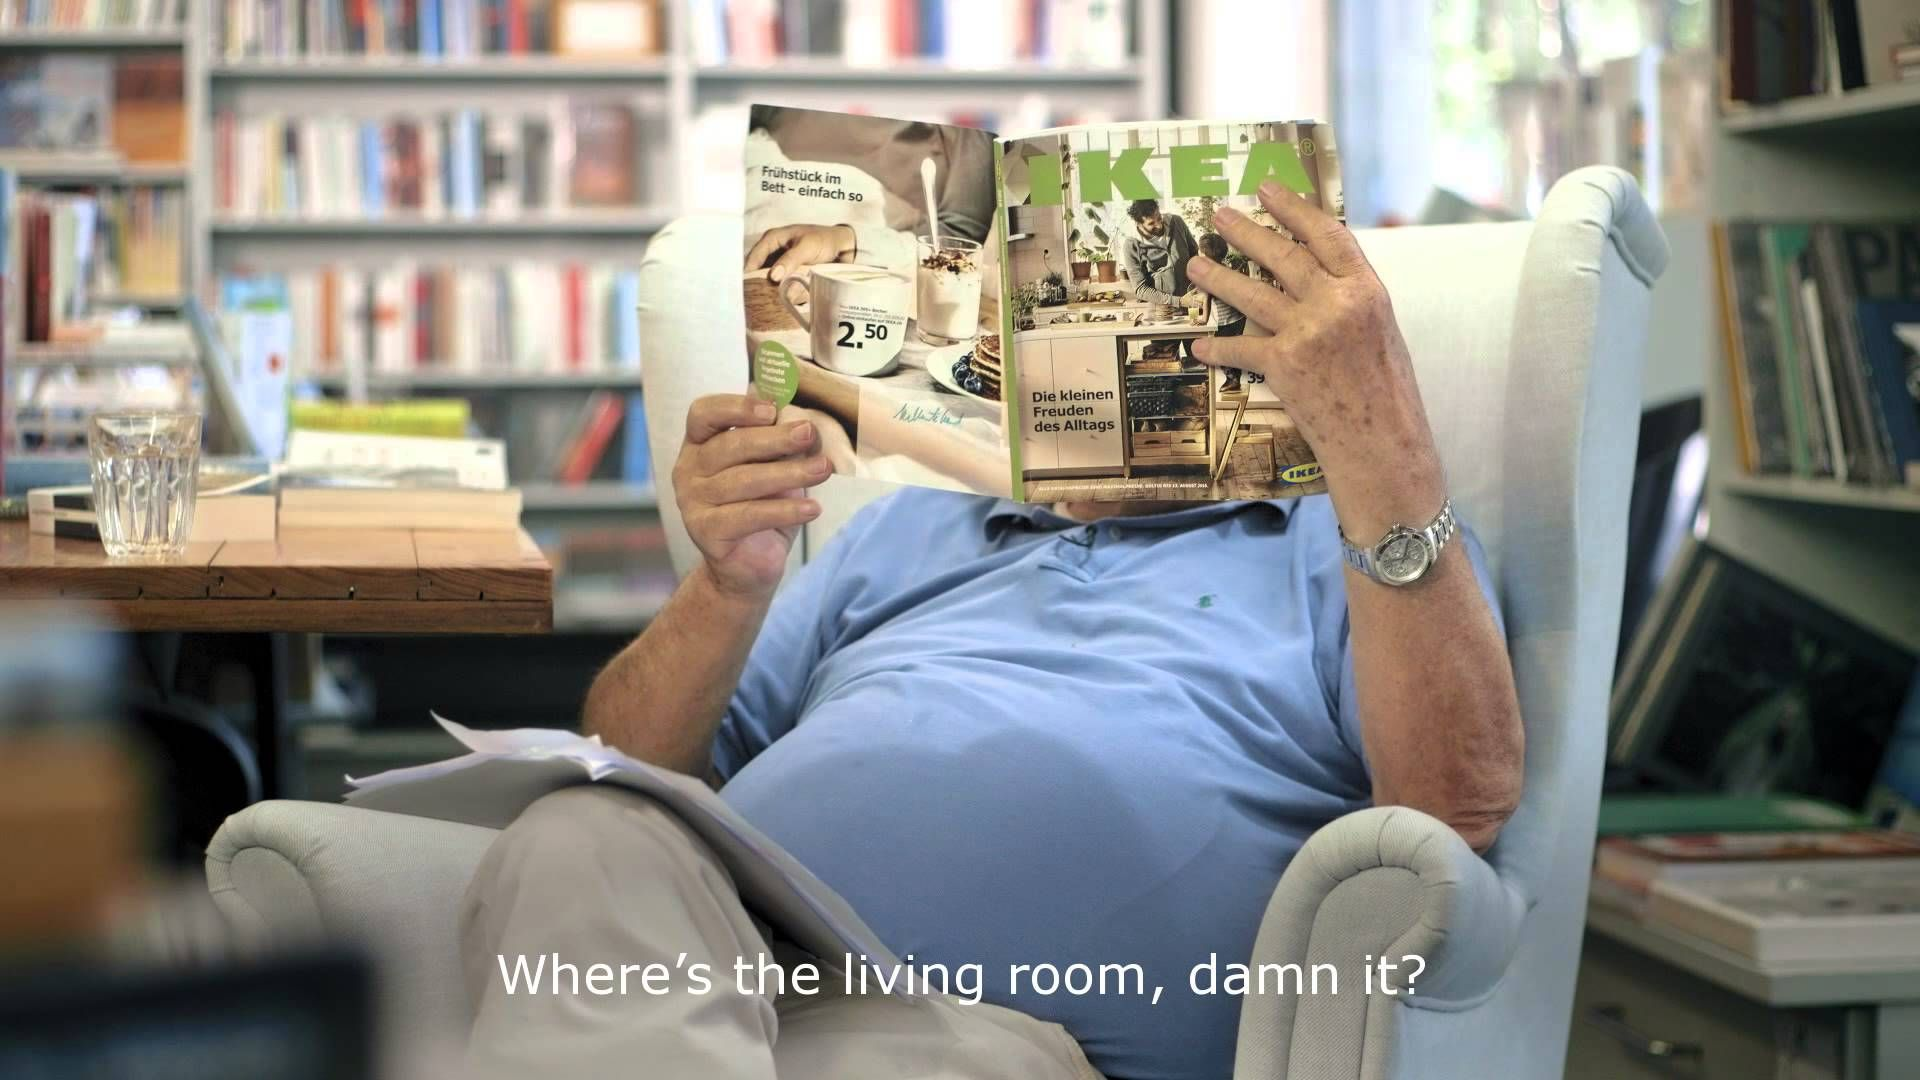 Das Meistgedruckte Buch Unserer Zeit Der Ikea Katalog Wird Von